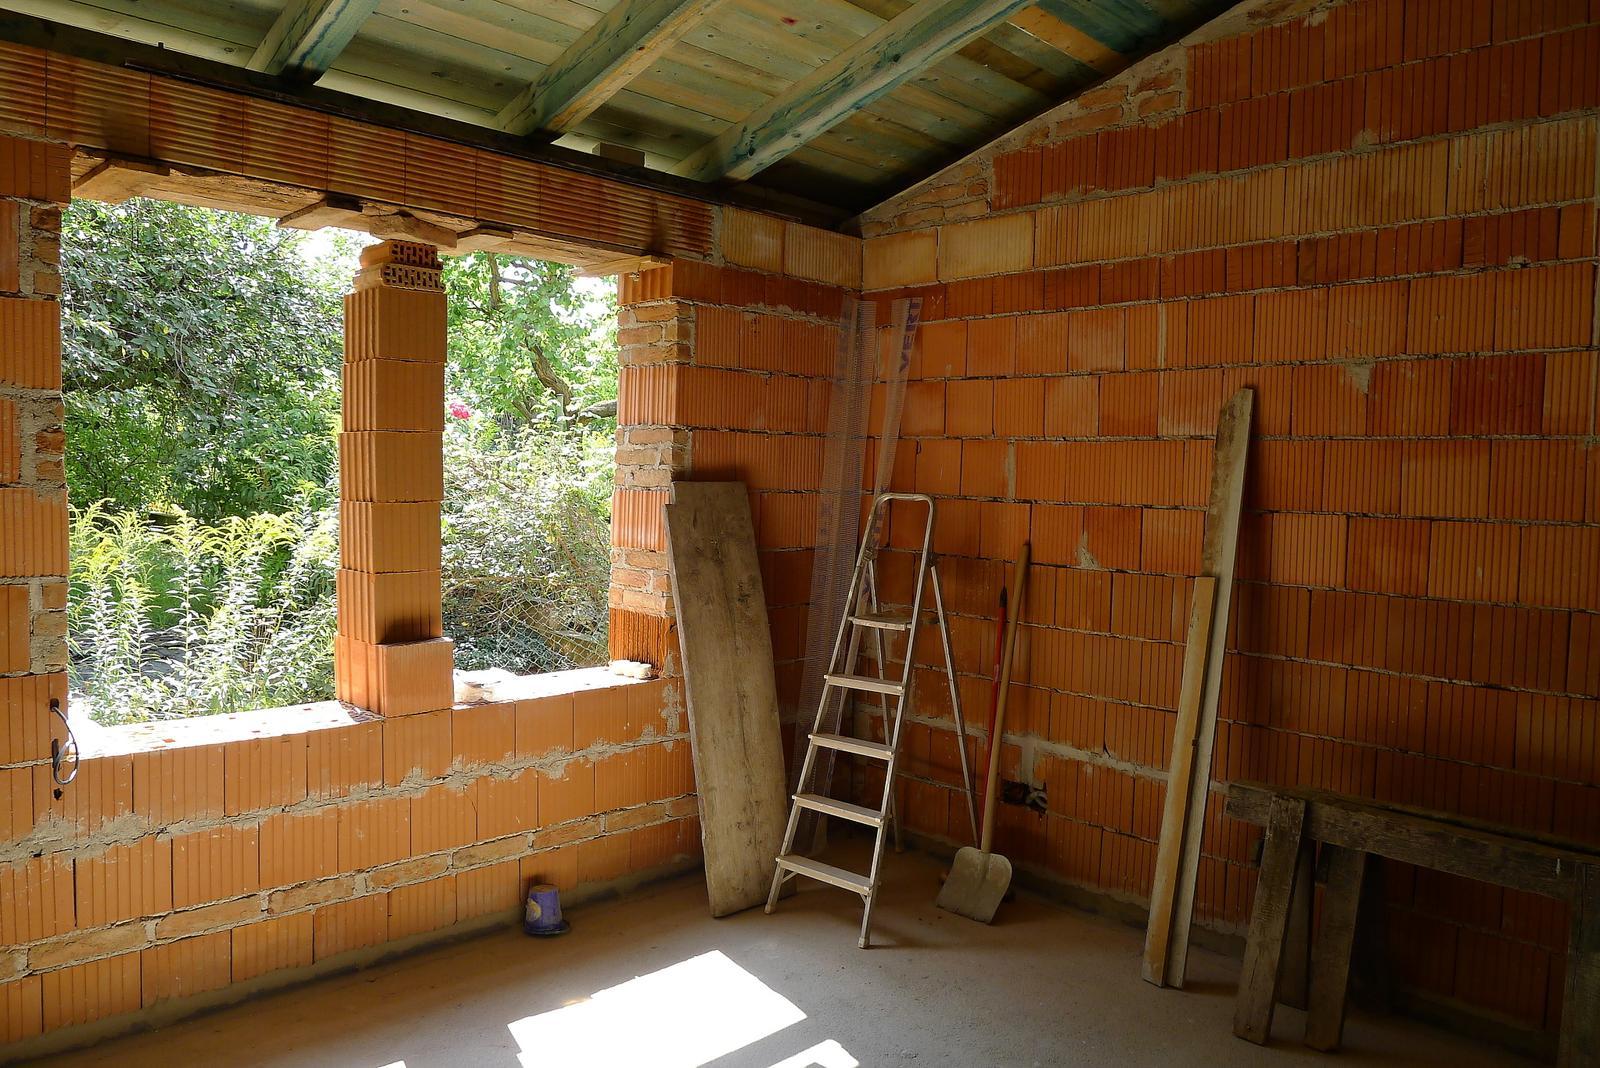 Rekonstrukce našeho domečku - Obrázek č. 66